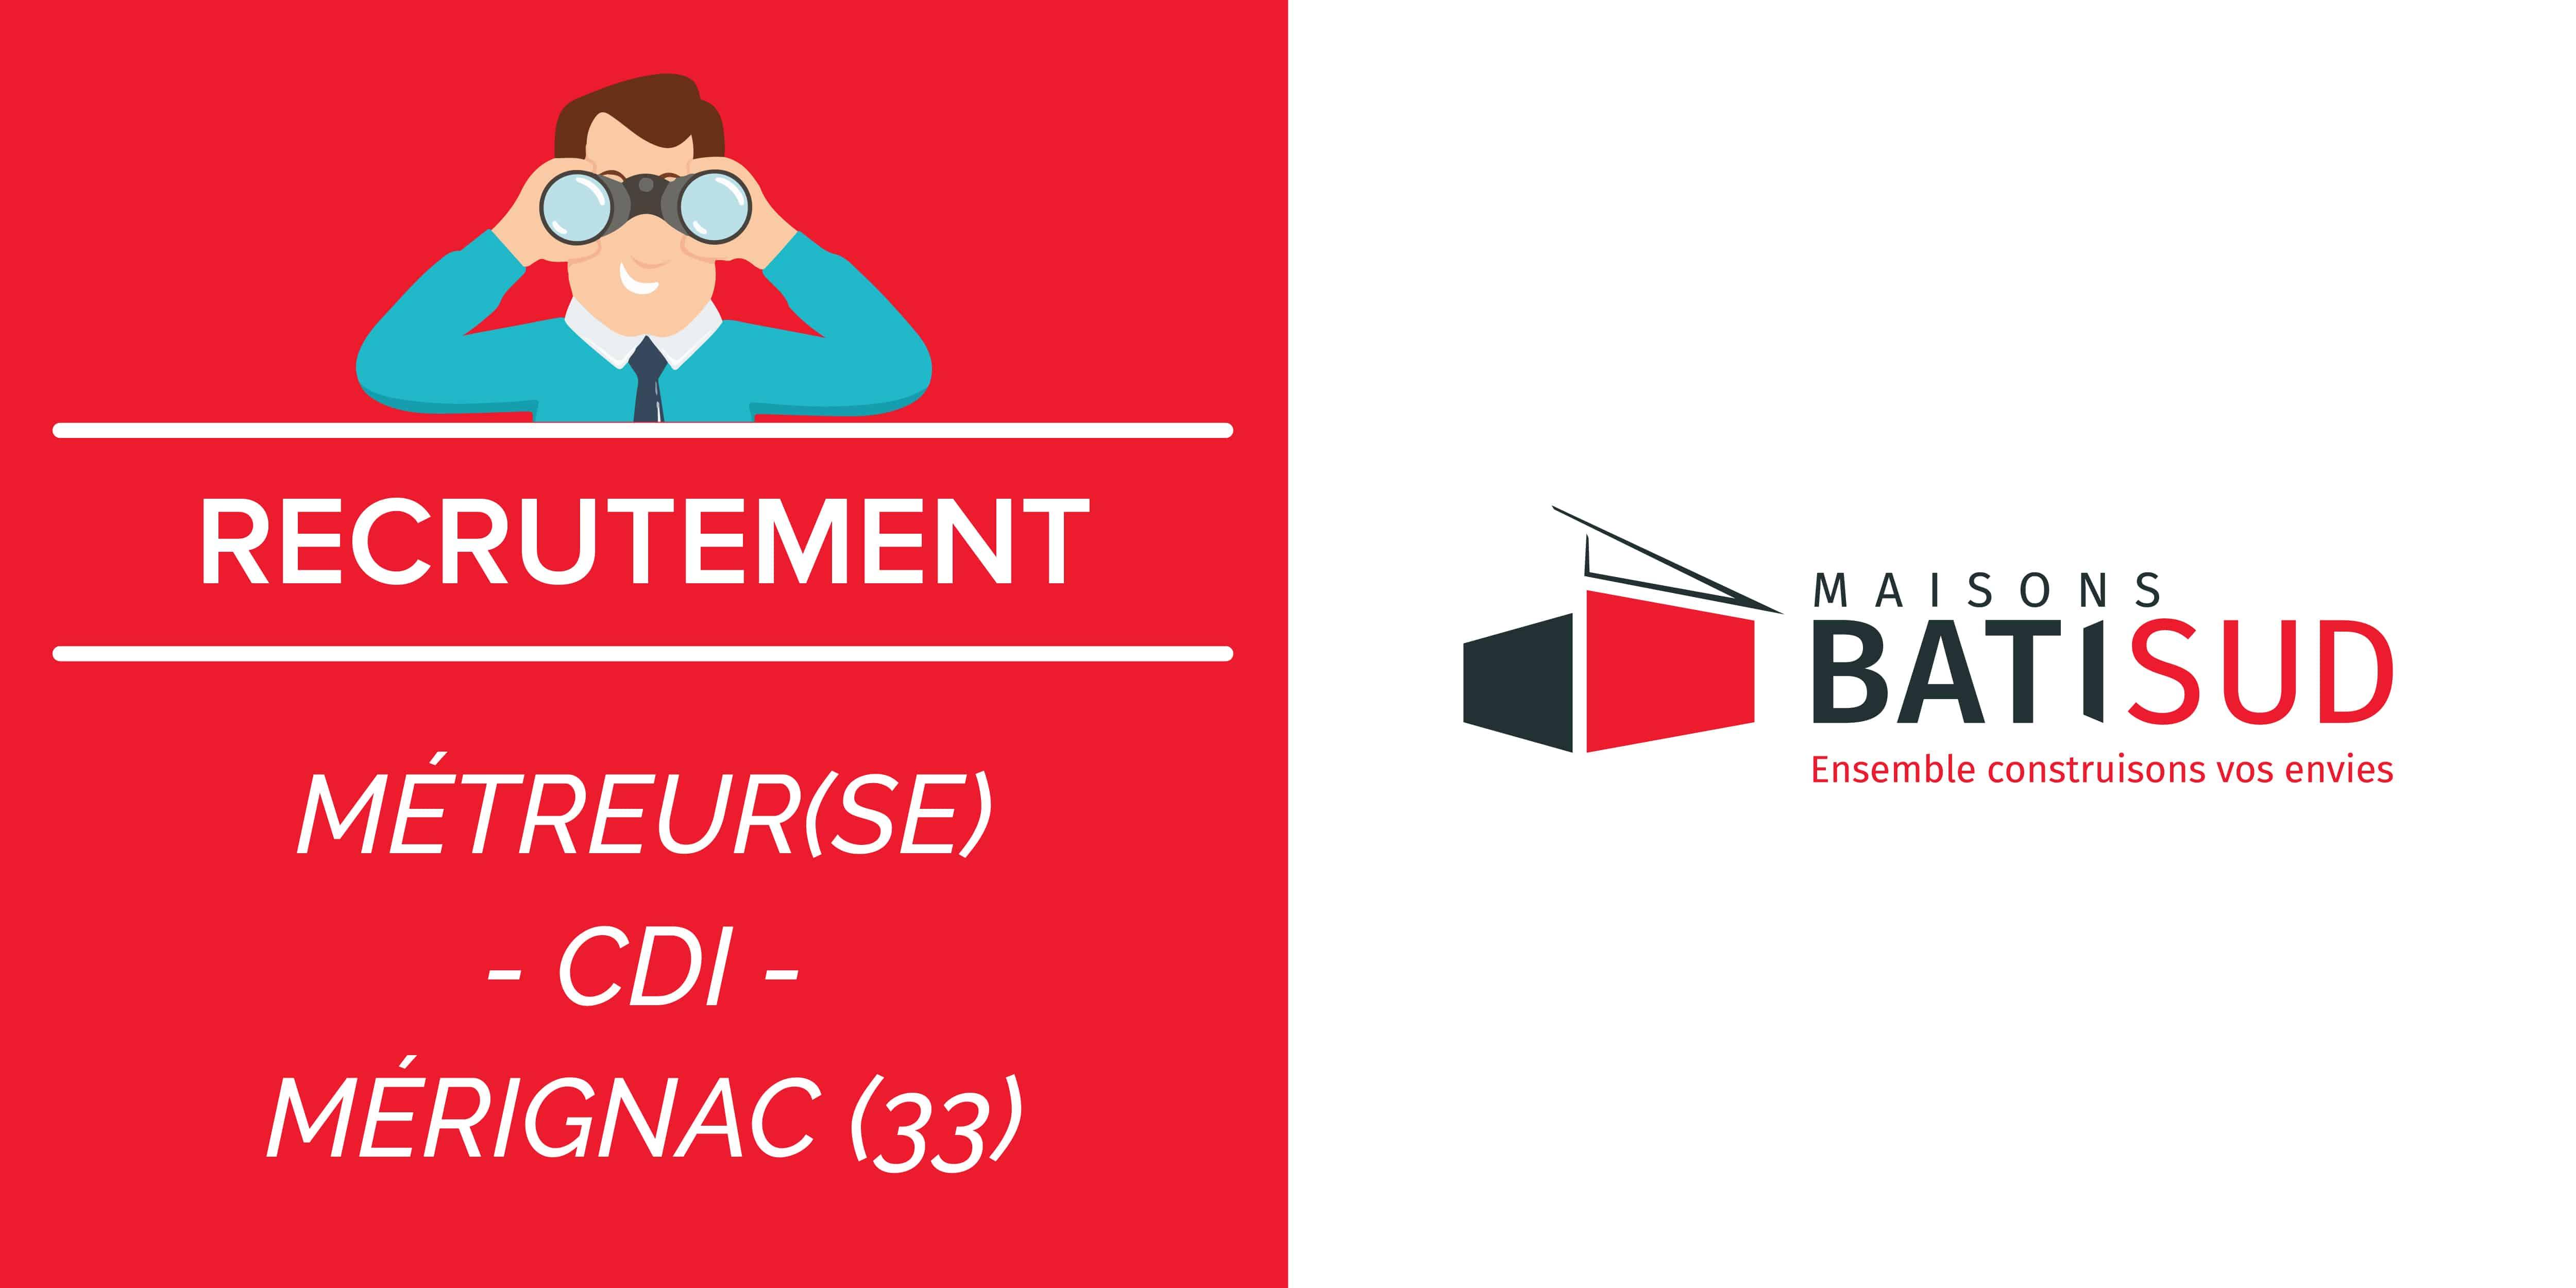 MAISONS BATI SUD recrute ! Nous recherchons un MÉTREUR / une MÉTREUSE en CDI sur MERIGNAC en Gironde (33)